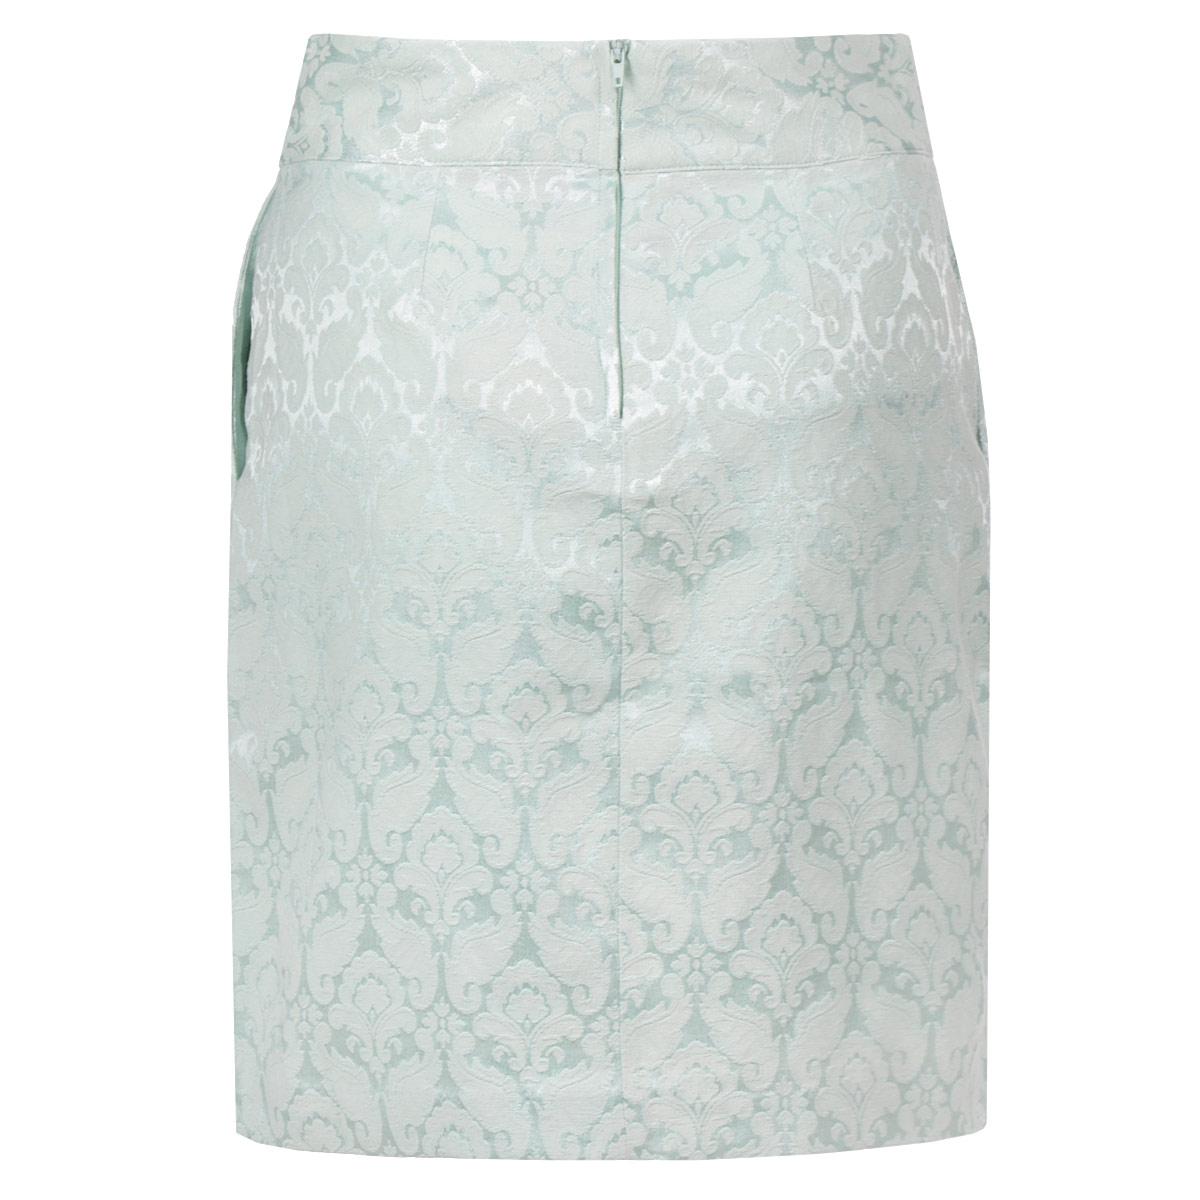 Юбка. 1014987410149874 000-whiteМодная юбка Broadway, изготовленная из высококачественного материала, подарит ощущение радости и комфорта. Модель средней длины застегивается сзади на потайную застежку-молнию и пуговицу. Юбка дополнена прорезными карманами. В этой юбке вы будете чувствовать себя неотразимой, оставаясь в центре внимания.